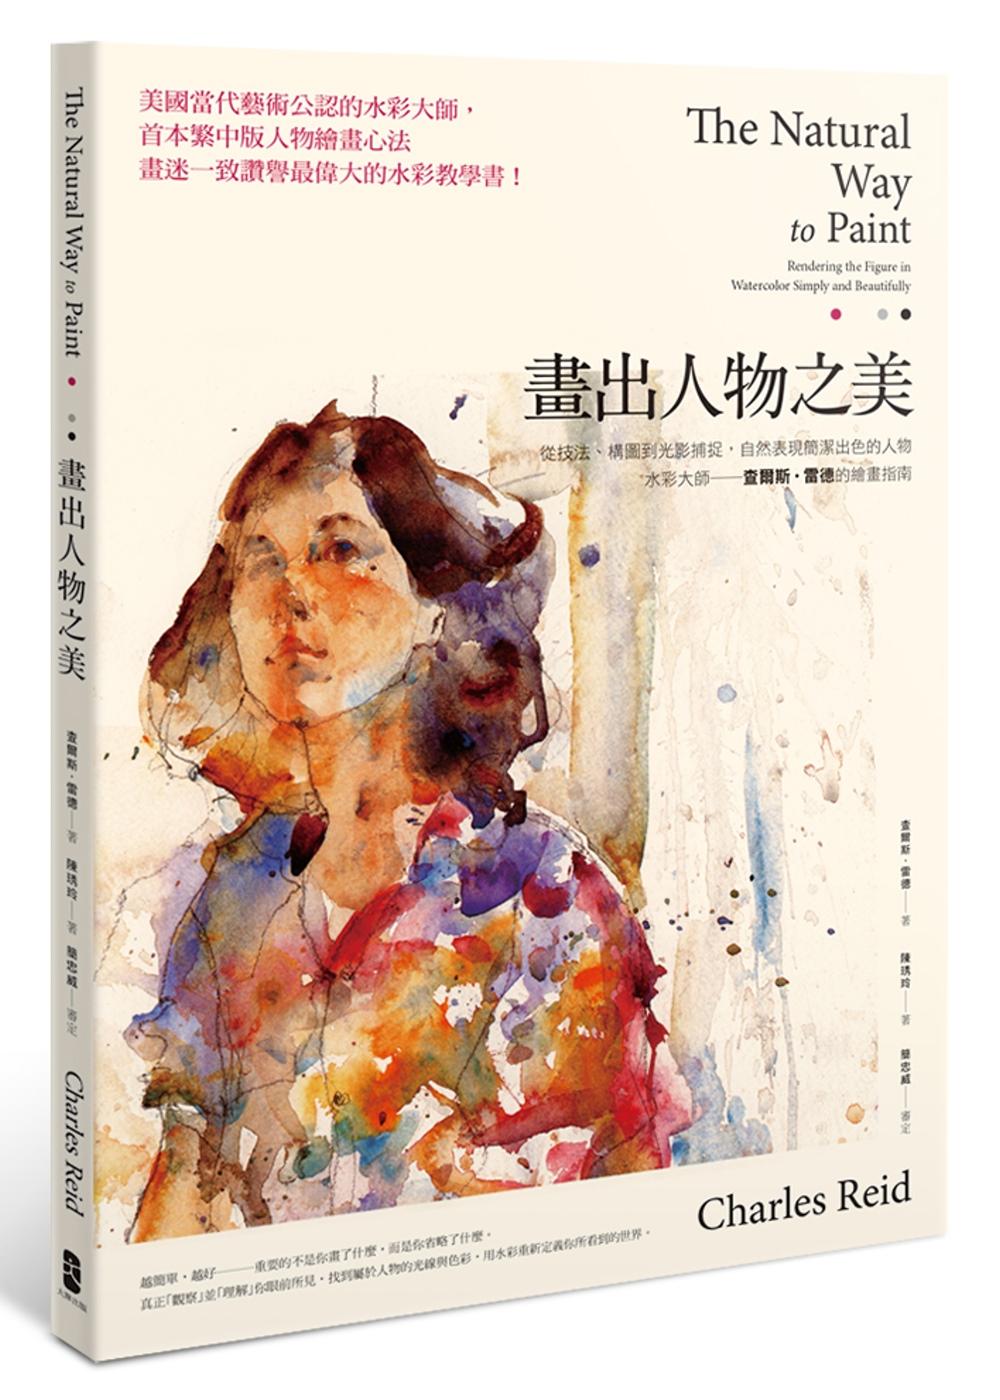 畫出人物之美:從技法、構圖到光影捕捉,自然表現簡潔出色的人物,水彩大師──查爾斯‧雷德的繪